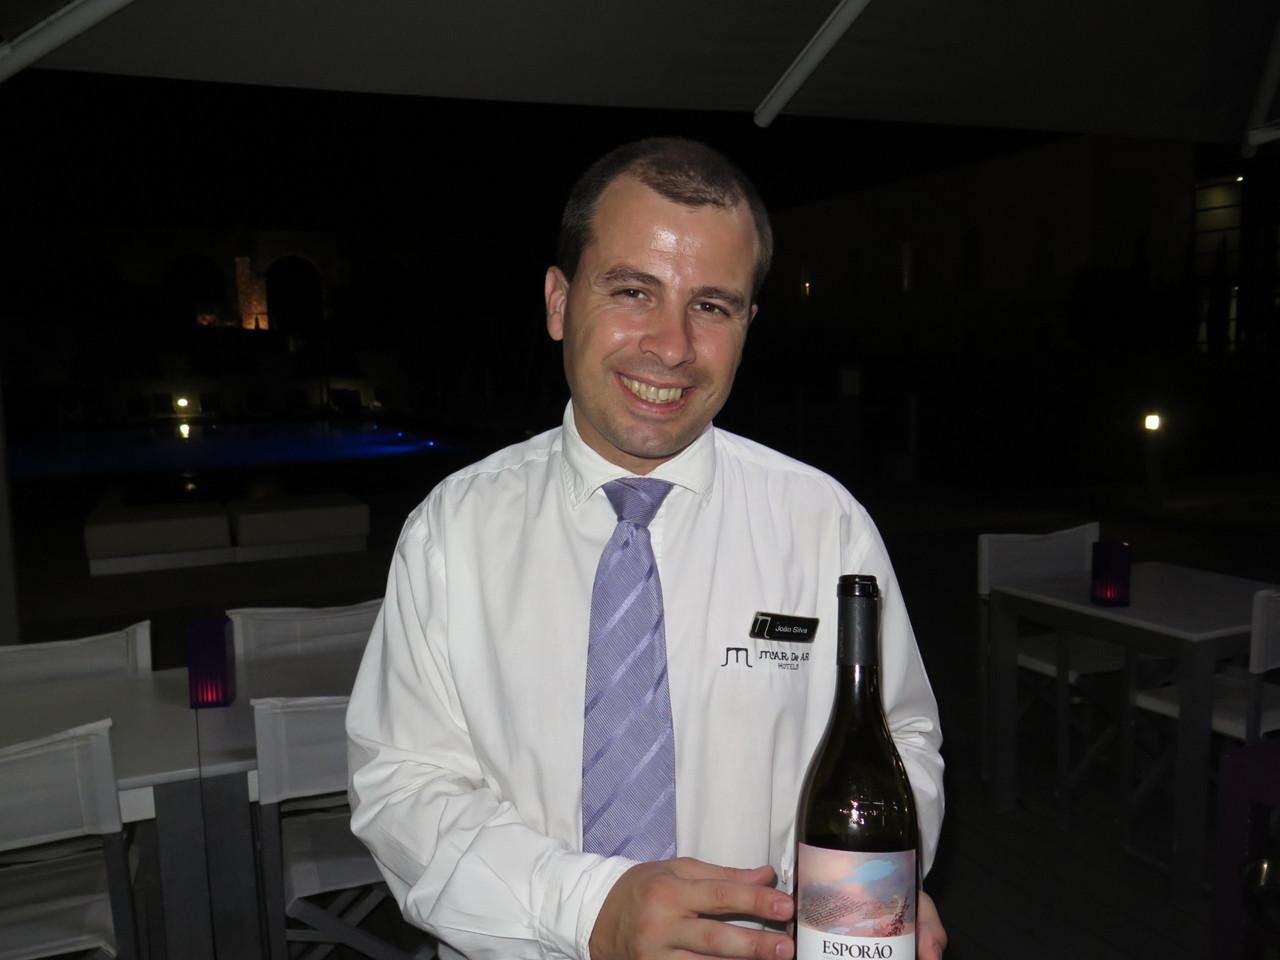 João Silva e mais um vinho alentejano